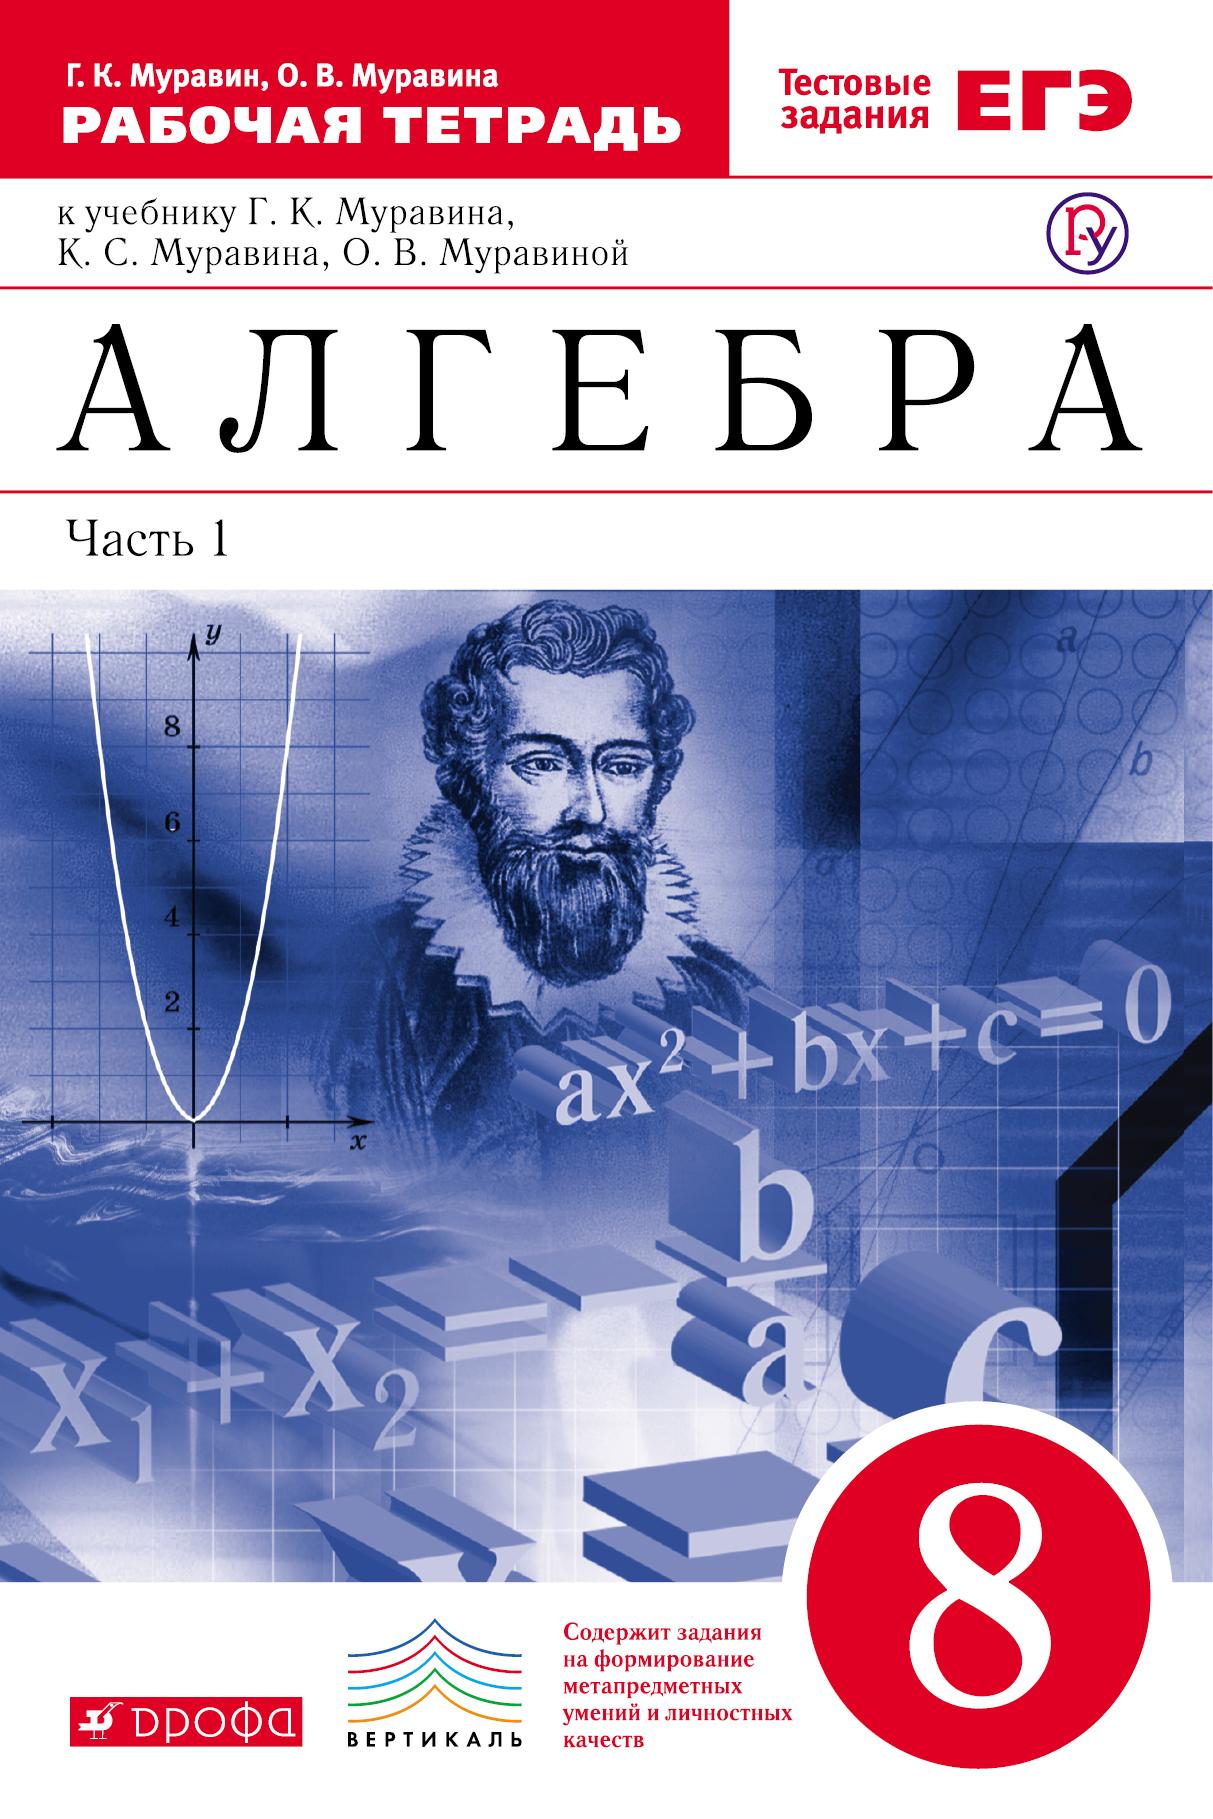 Алгебра. 8 класс. Рабочая тетрадь (с тестовыми заданиями ЕГЭ). Часть 1